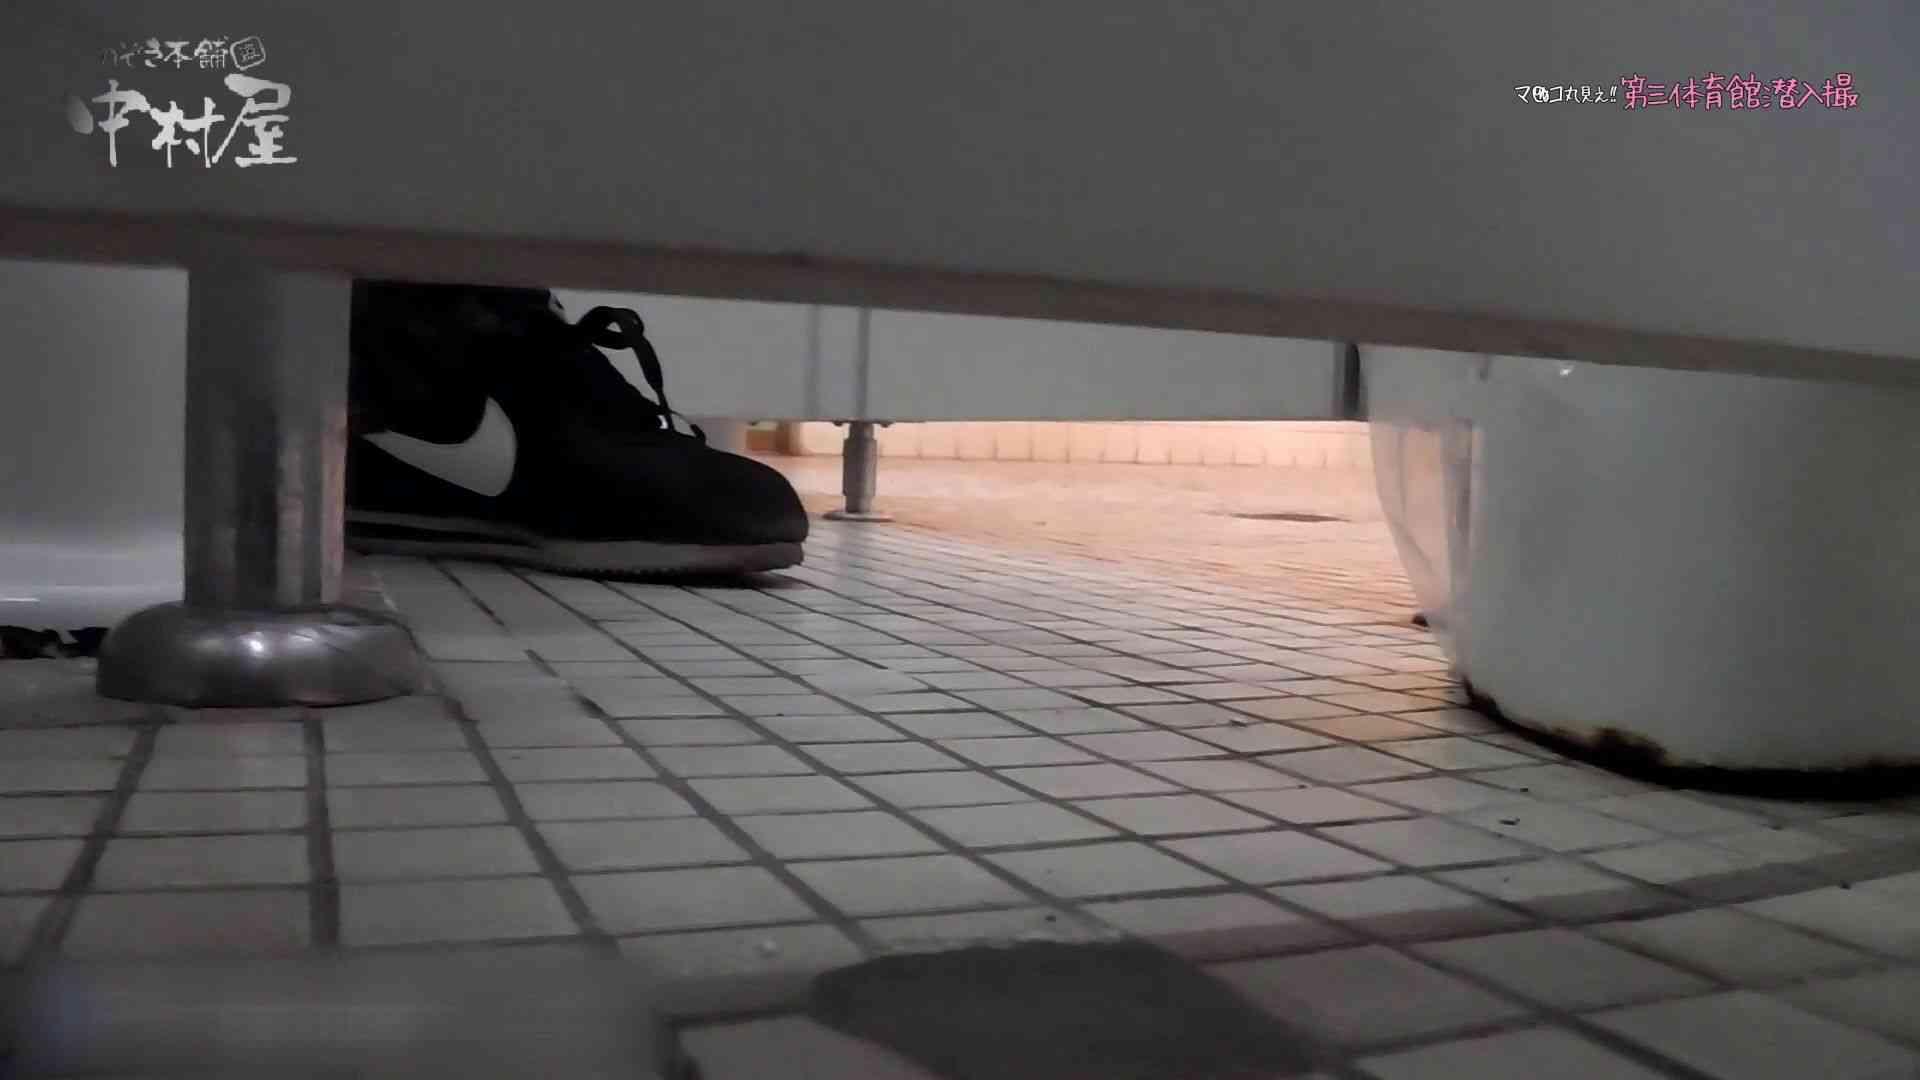 第三体育館File044長身のバレー部員が目の前の個室に入ってくれました。前編 女体盗撮 盗み撮り動画キャプチャ 42連発 30